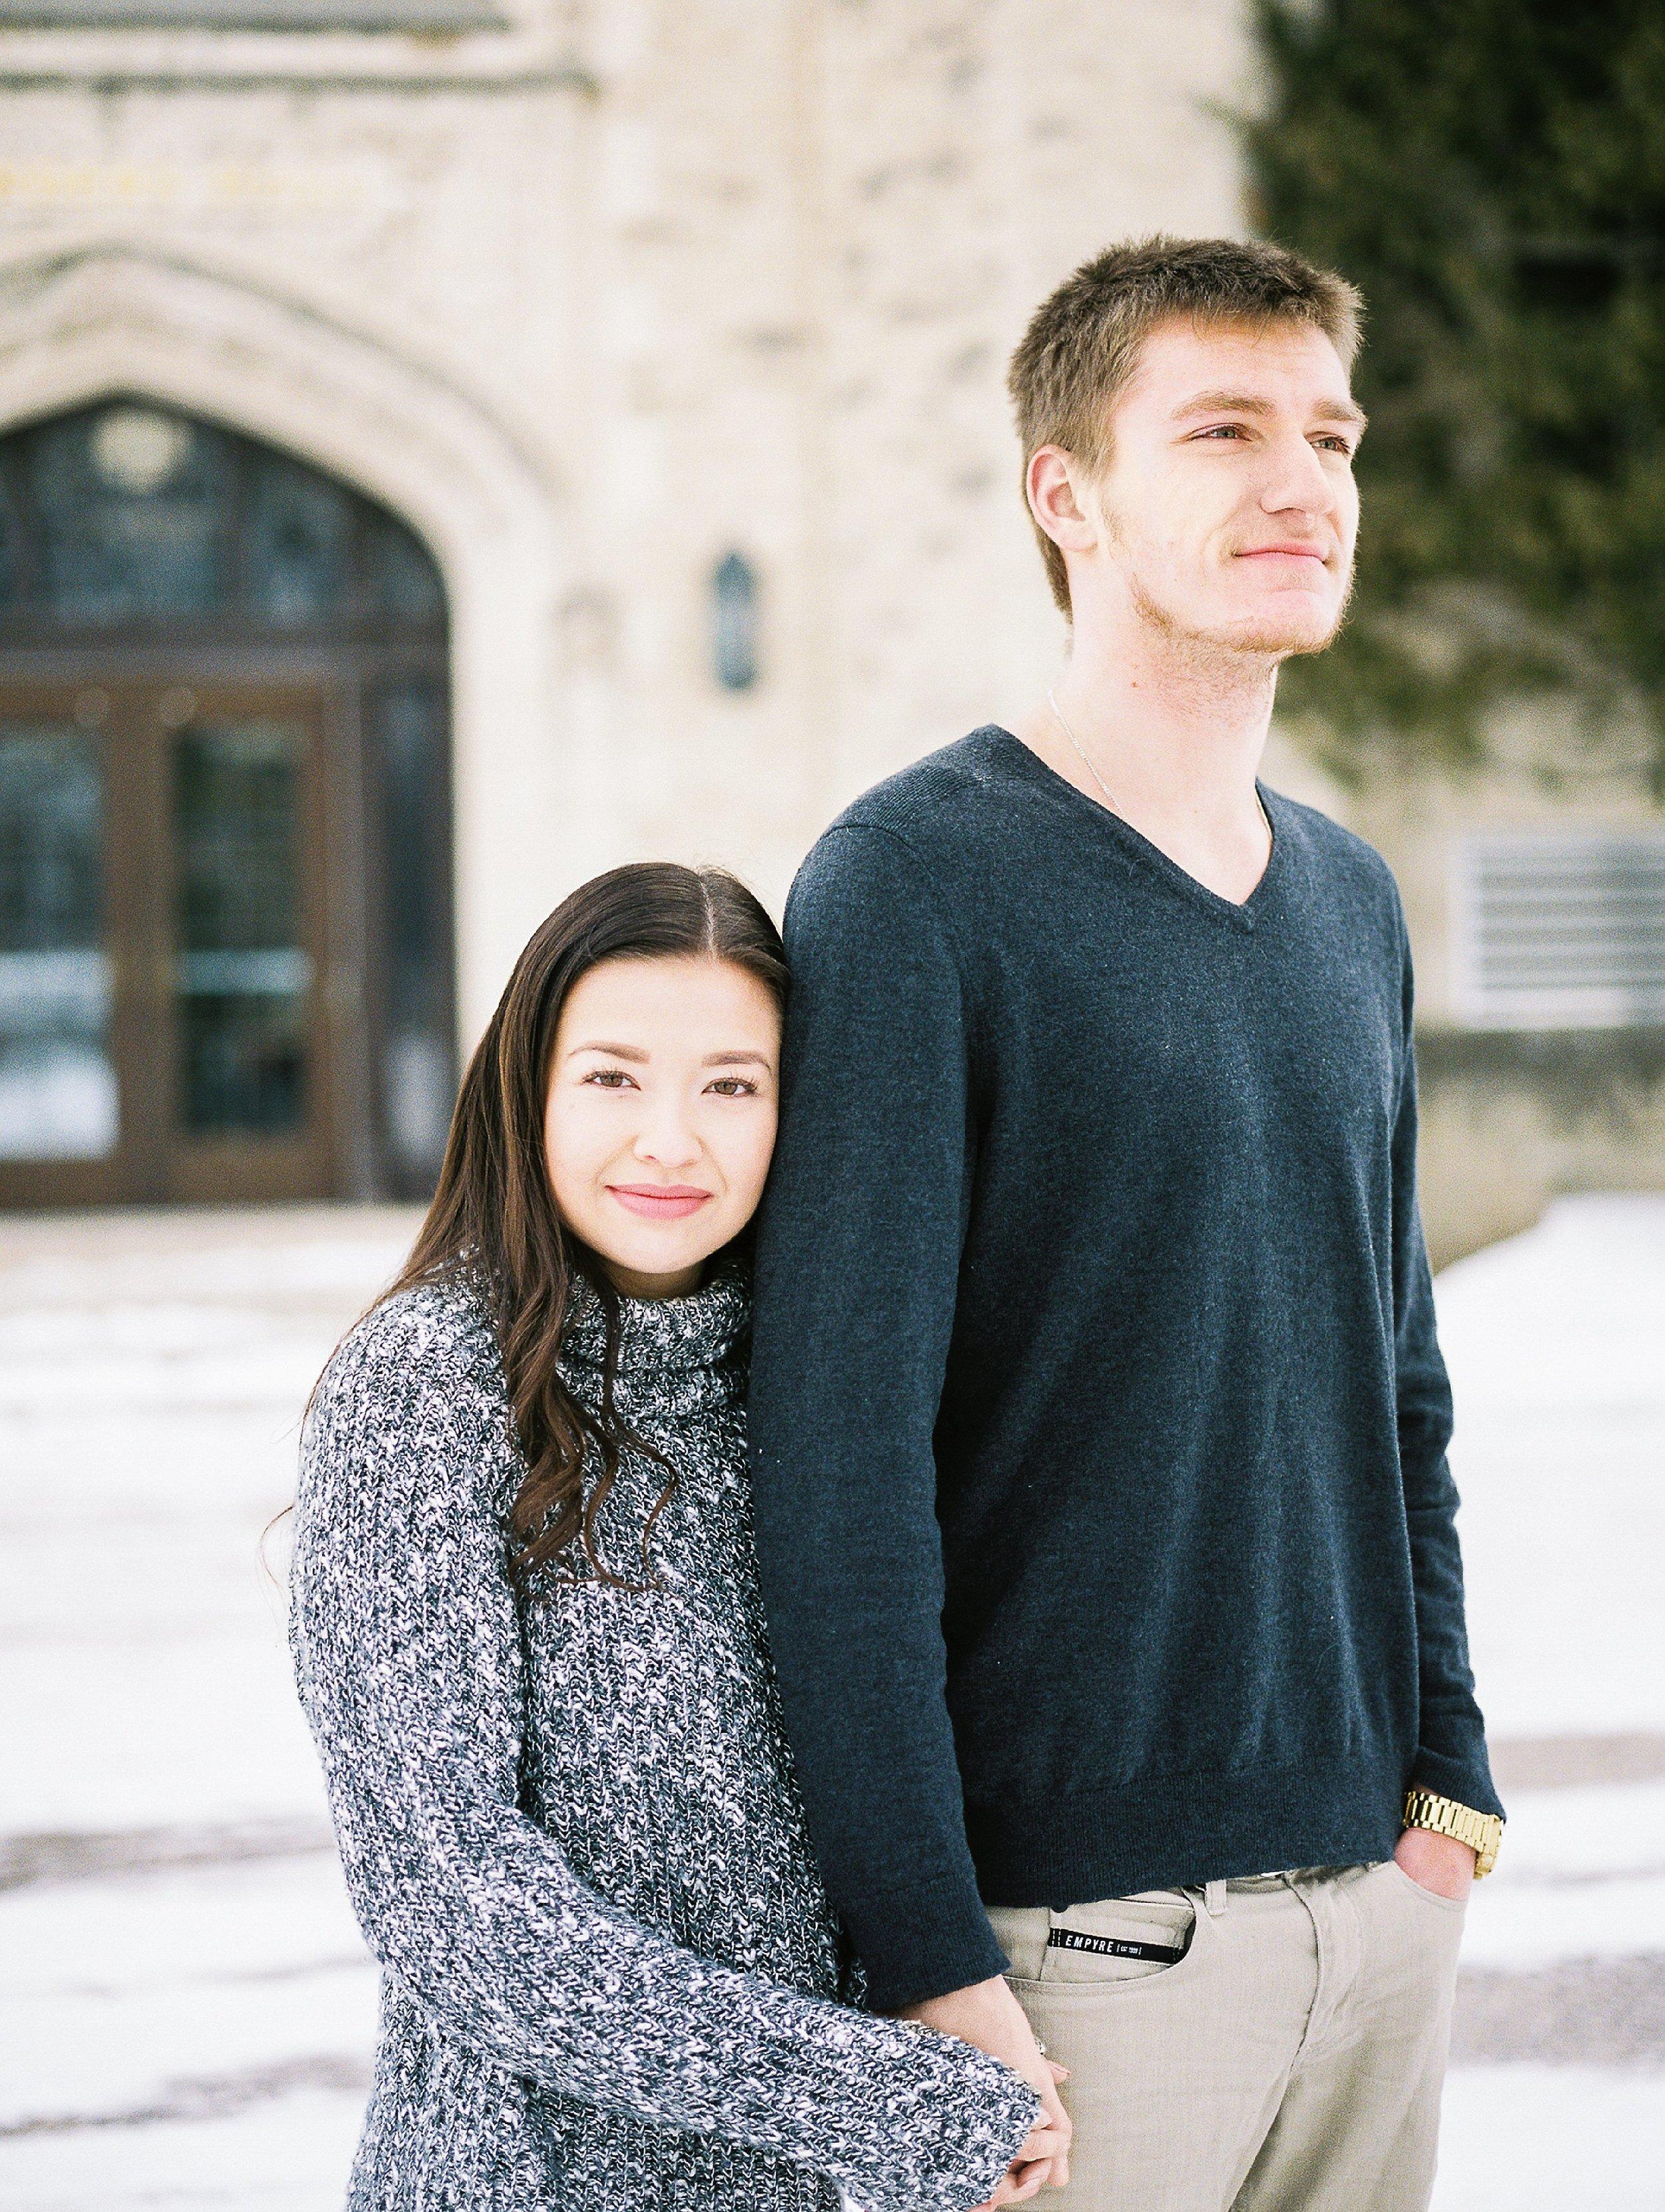 Winnipeg wedding photographer - Photoshoot at Canadian Mennonite University - Keila Marie Photography